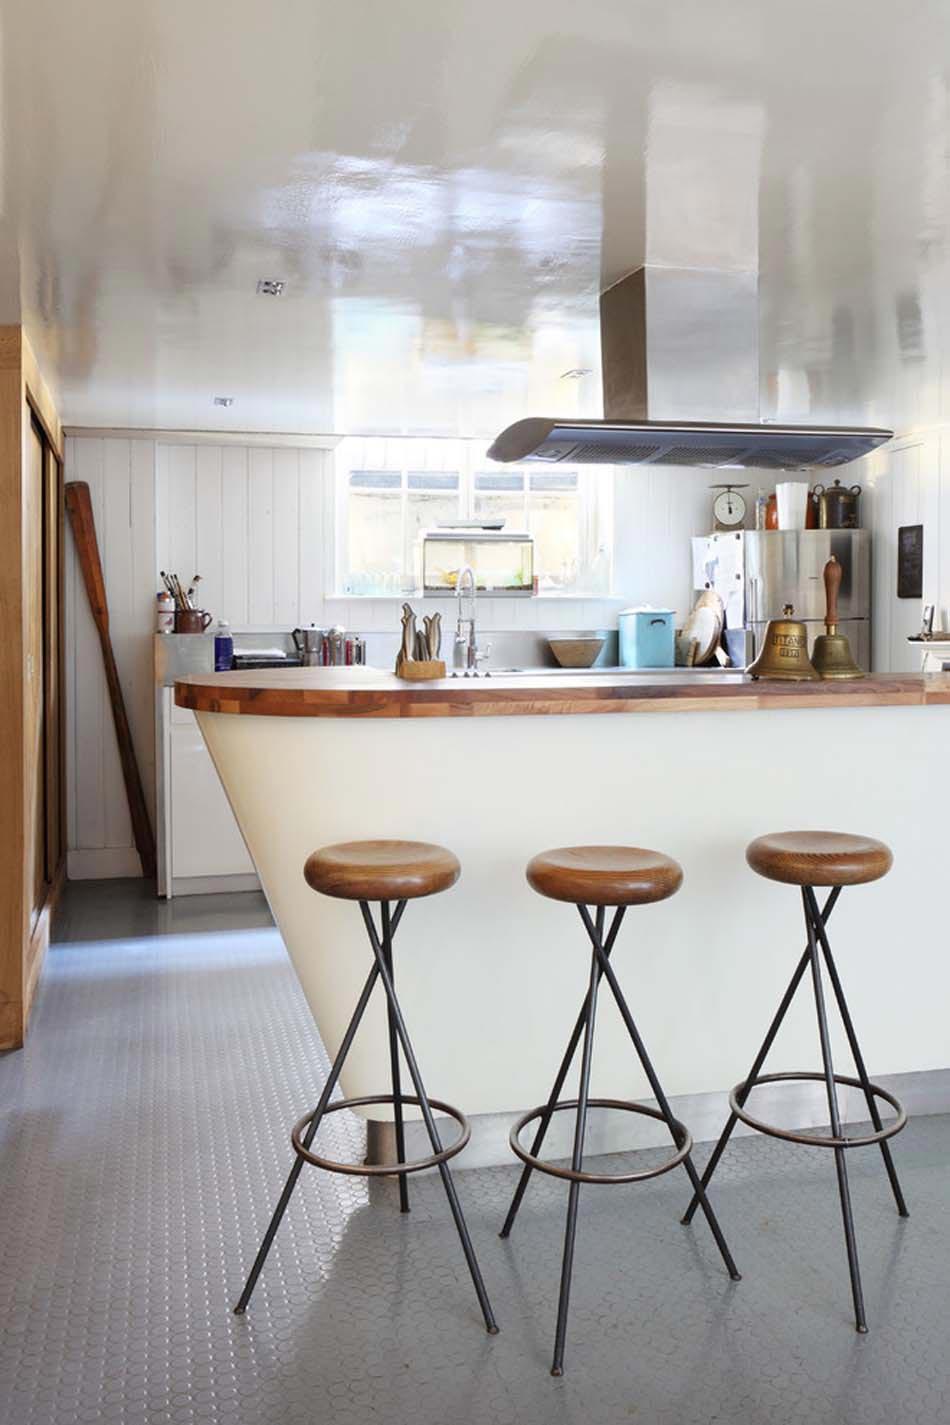 Attrayant Revêtement En Caoutchouc Pour Une Ambiance Industrielle Et Créative Dans La  Cuisine